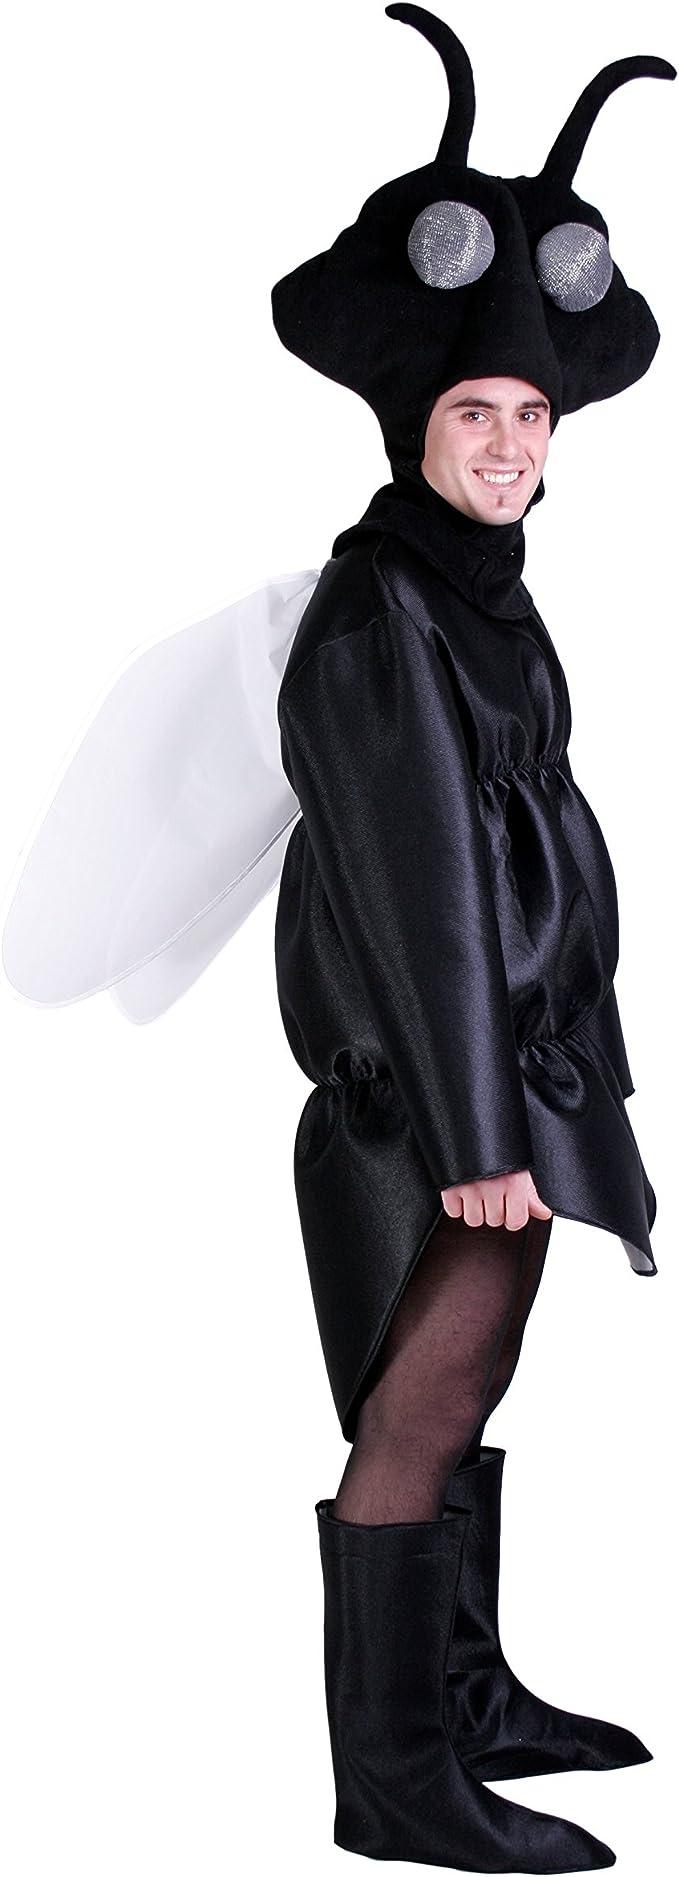 Disfraz de mosca - Estándar: Amazon.es: Juguetes y juegos